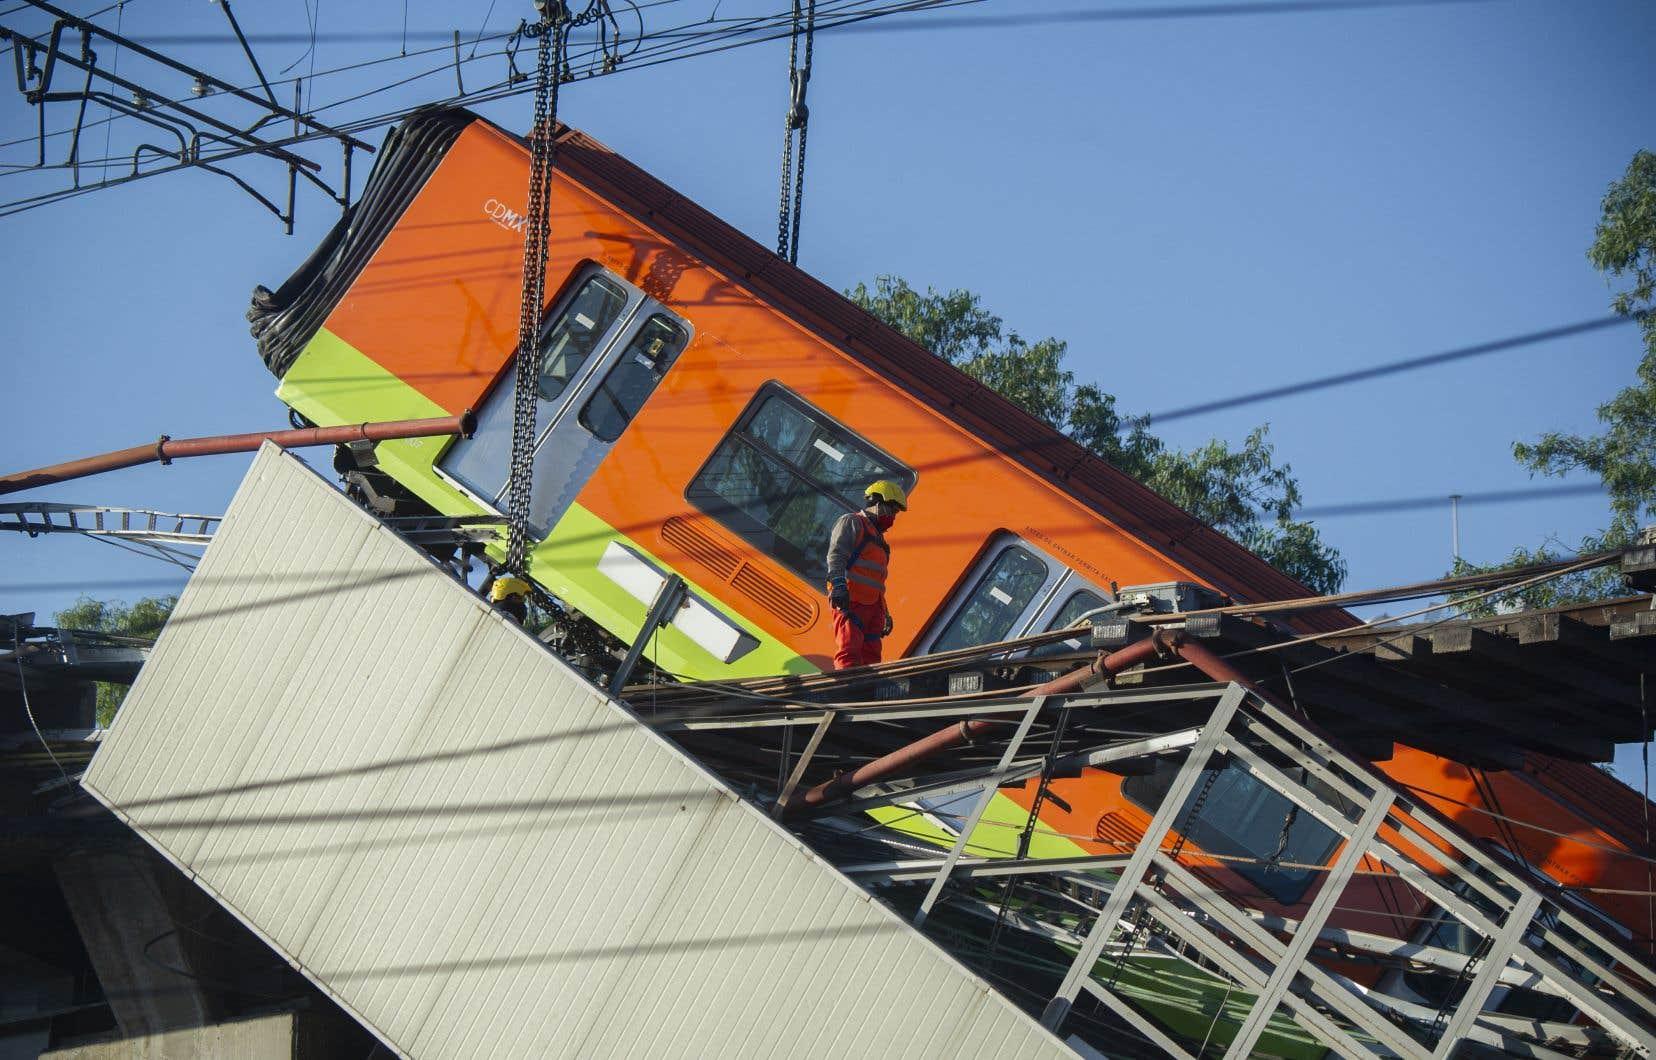 La ligne 12 du métro de Mexico, où s'est produit l'accident, lundi, présentait déjà des problèmes d'infrastructure et de fonctionnement.